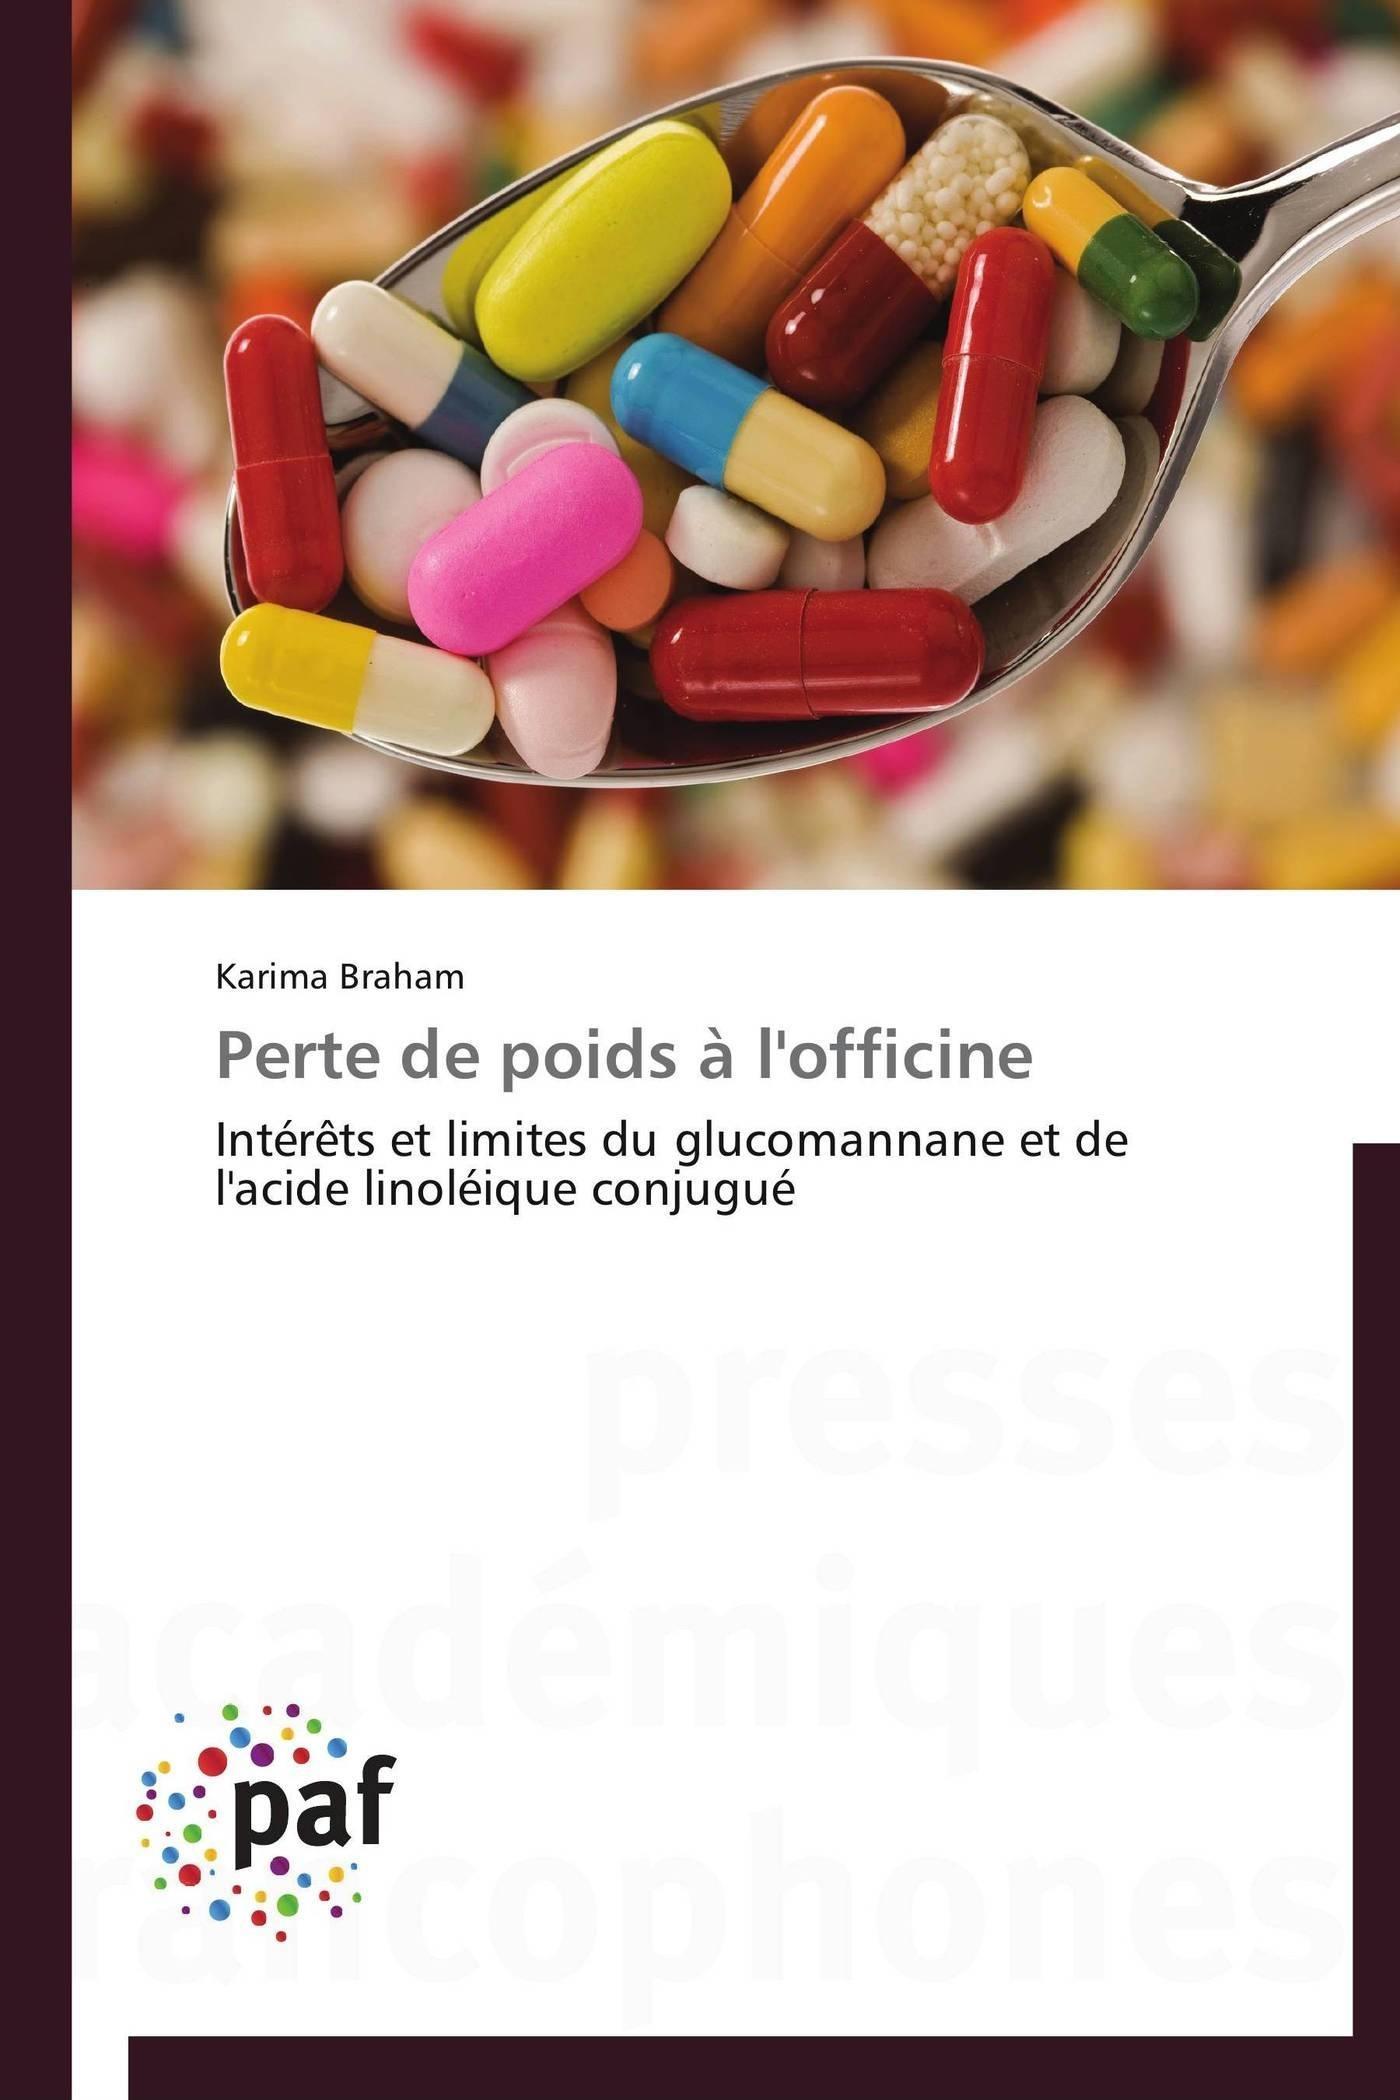 PERTE DE POIDS A L'OFFICINE